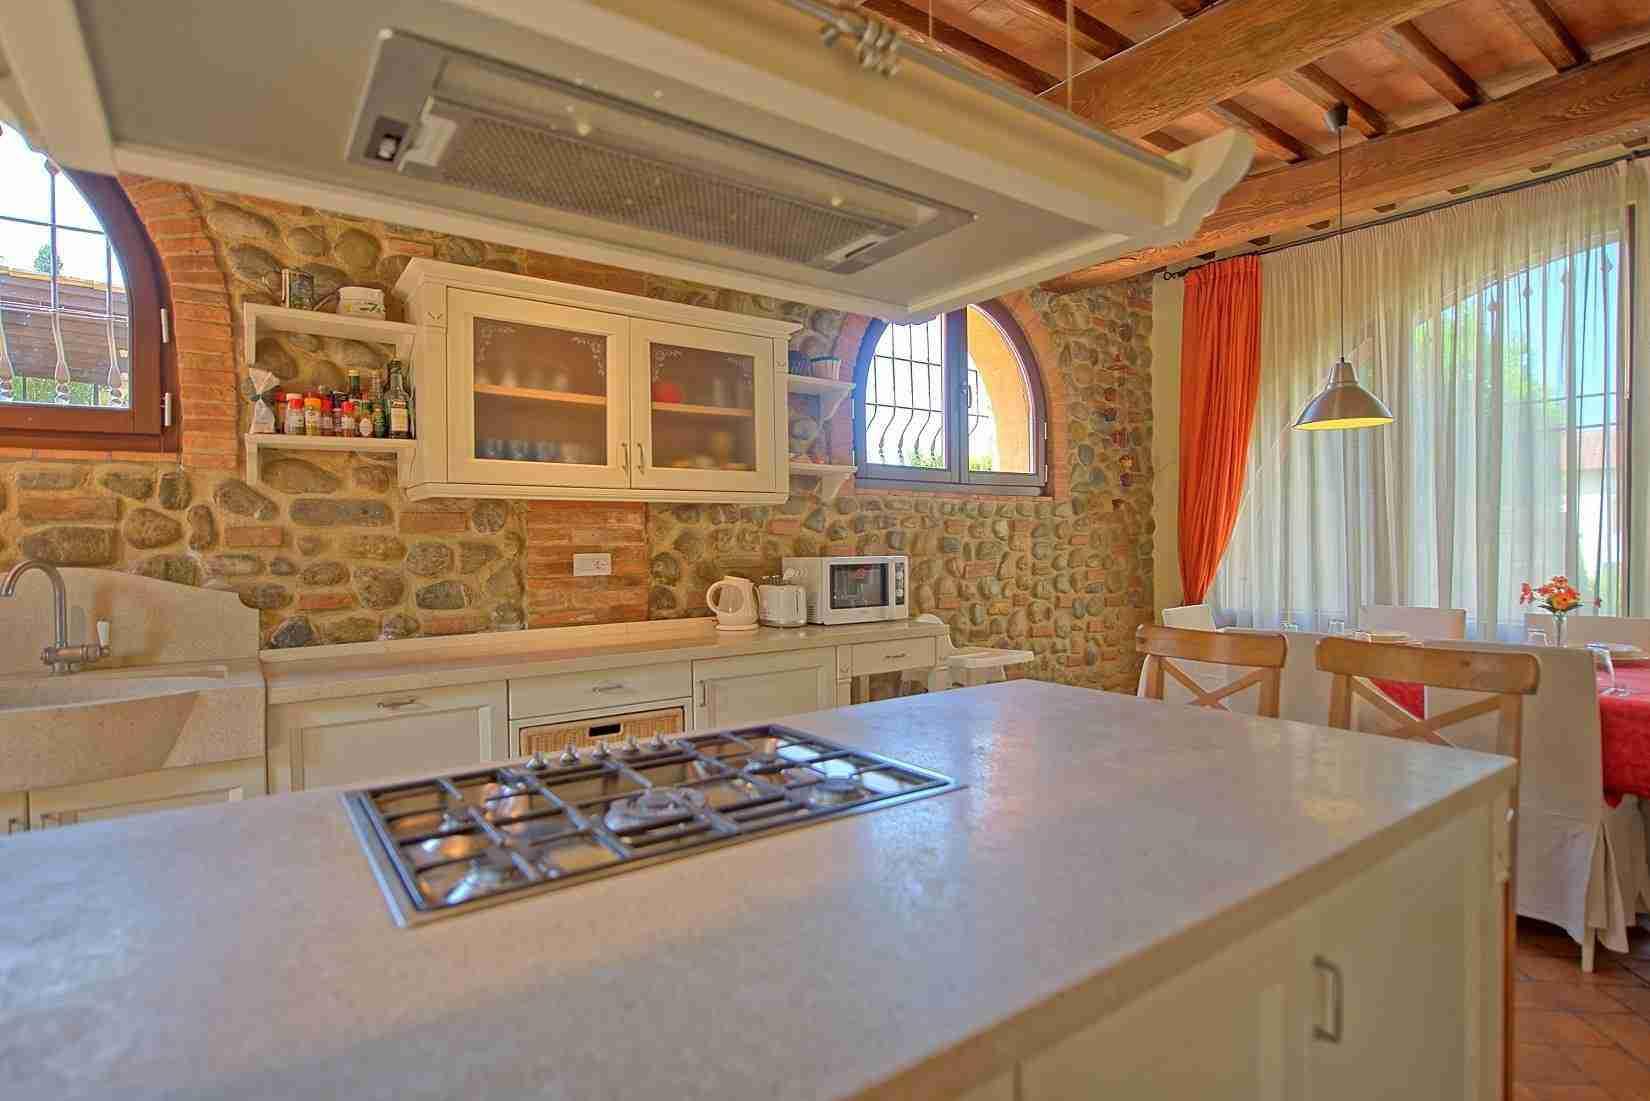 11 Ranieri kitchen